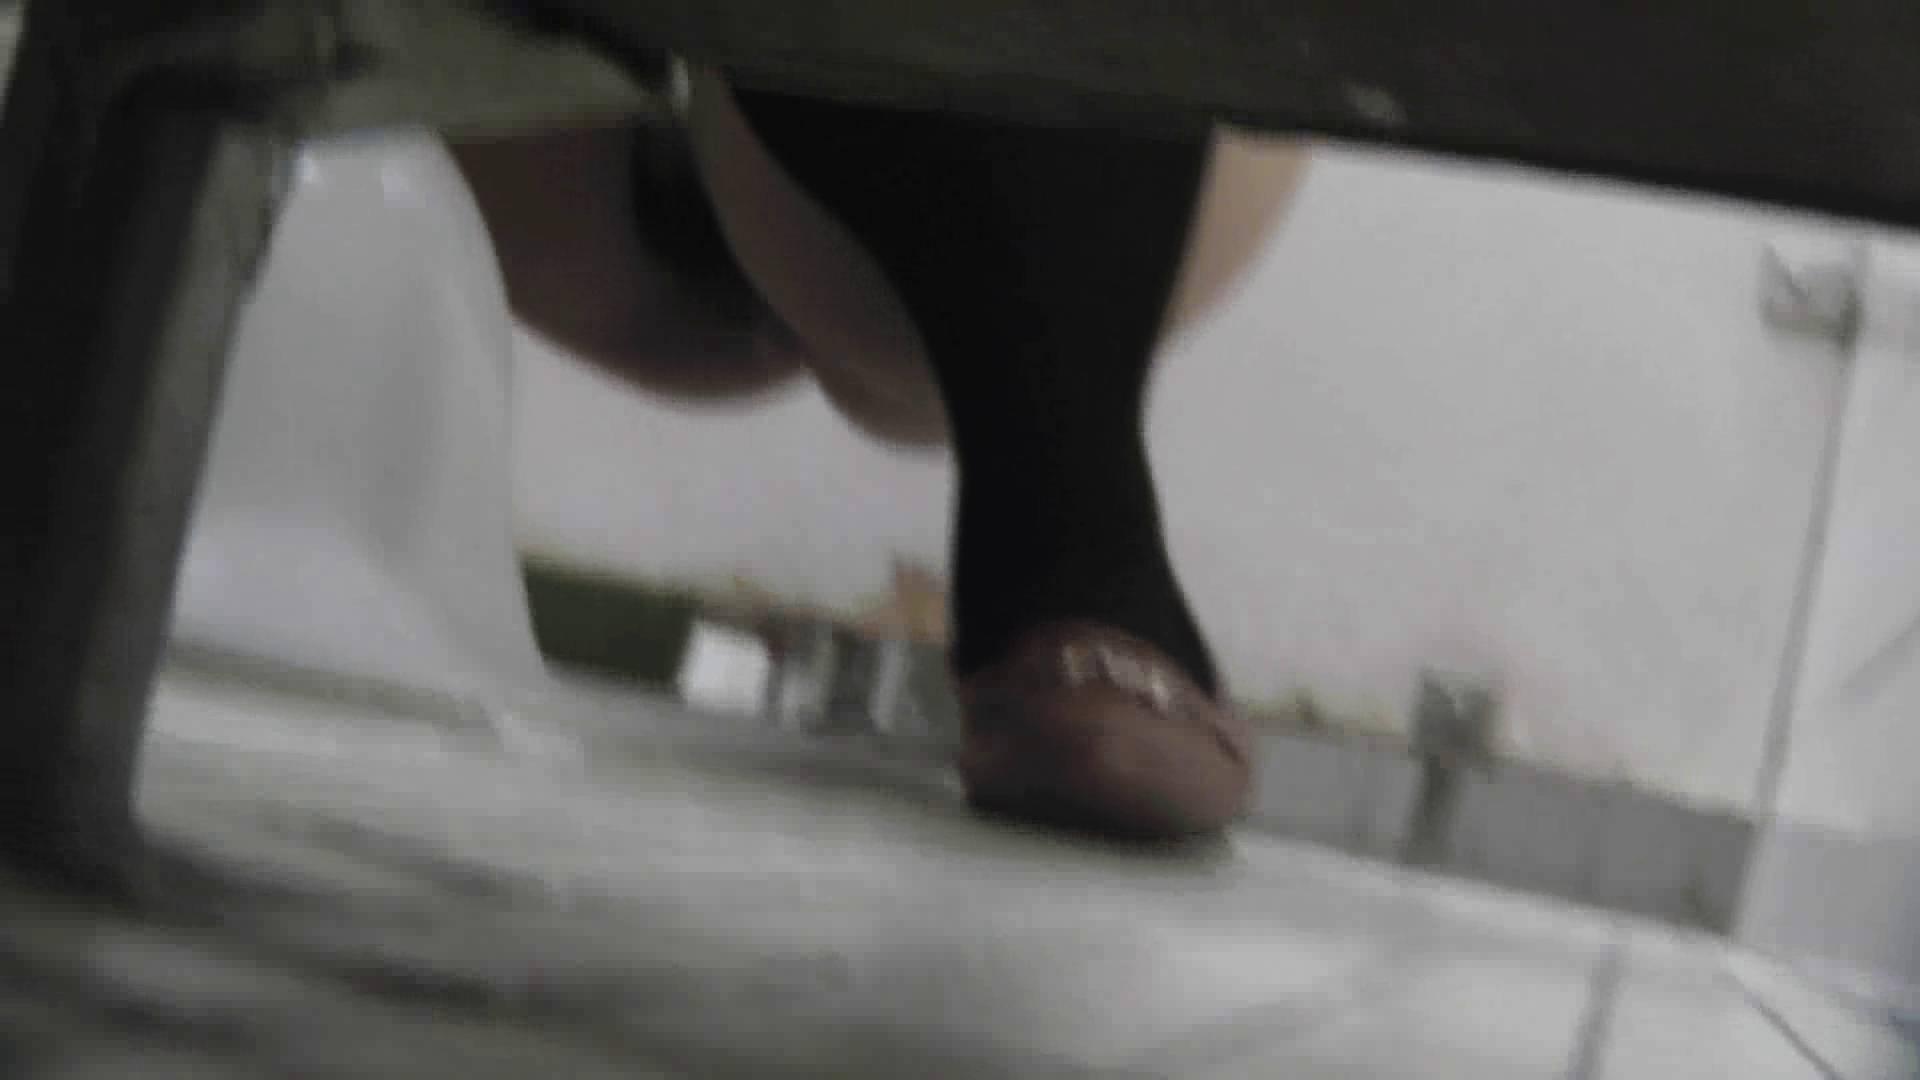 【美しき個室な世界】vol.015 特攻隊の軌跡 洗面所 おまんこ動画流出 79pic 15